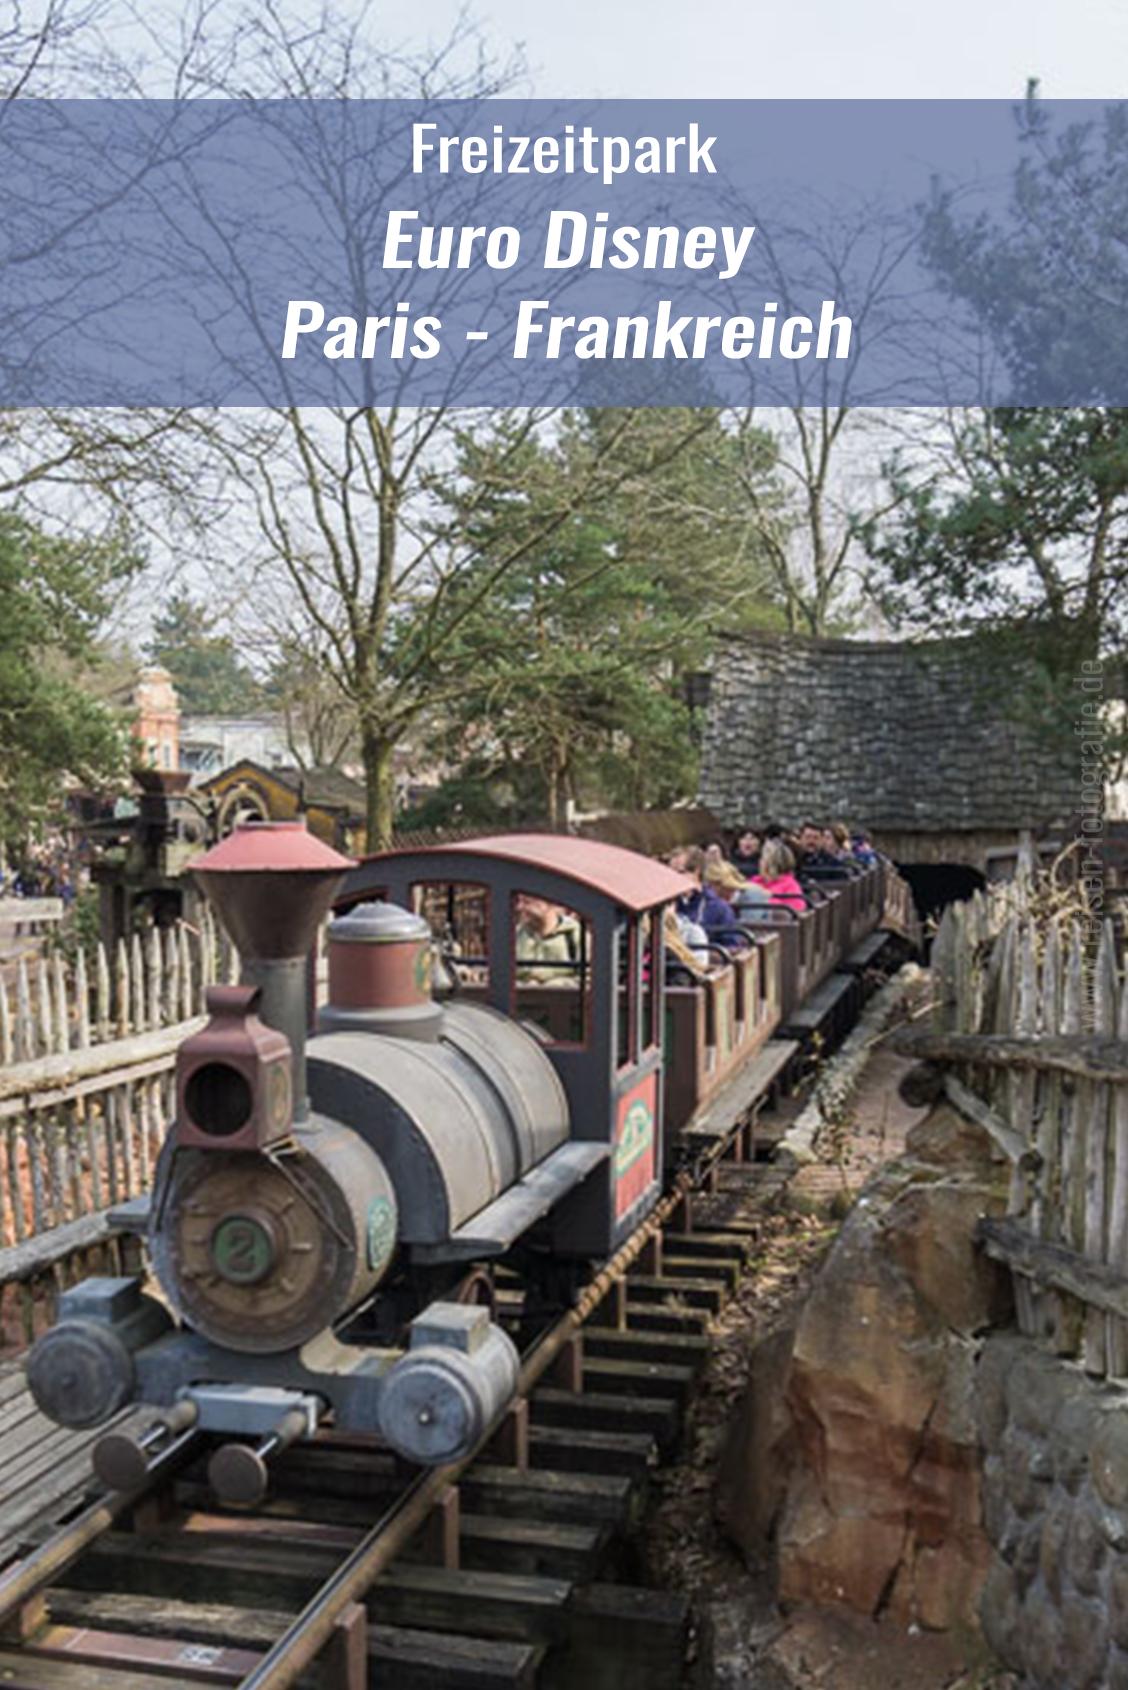 Drei wunderbare Tage haben wir im Euro Disney, vor den Toren von Paris verbracht. Dabei haben wir beide Themenparks besucht, Magic Kingdom und die Hollywood Studios.